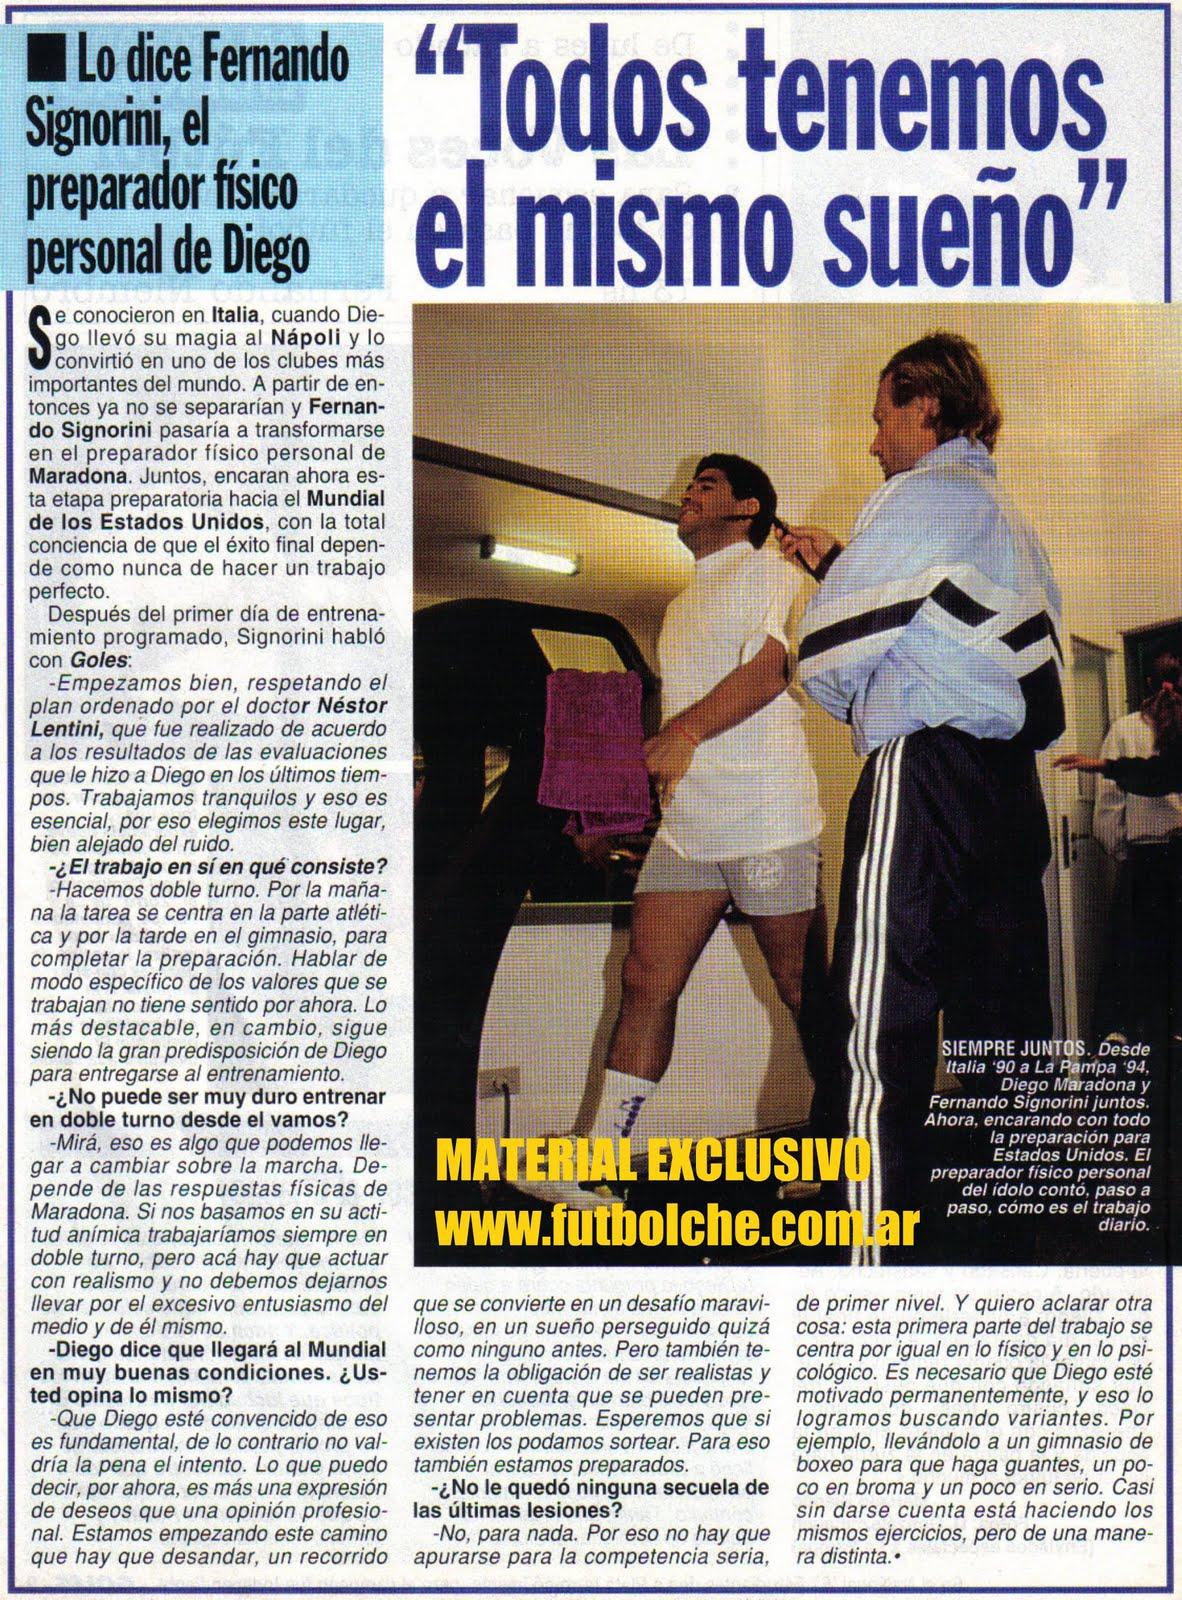 El entrenamiento del Diego.